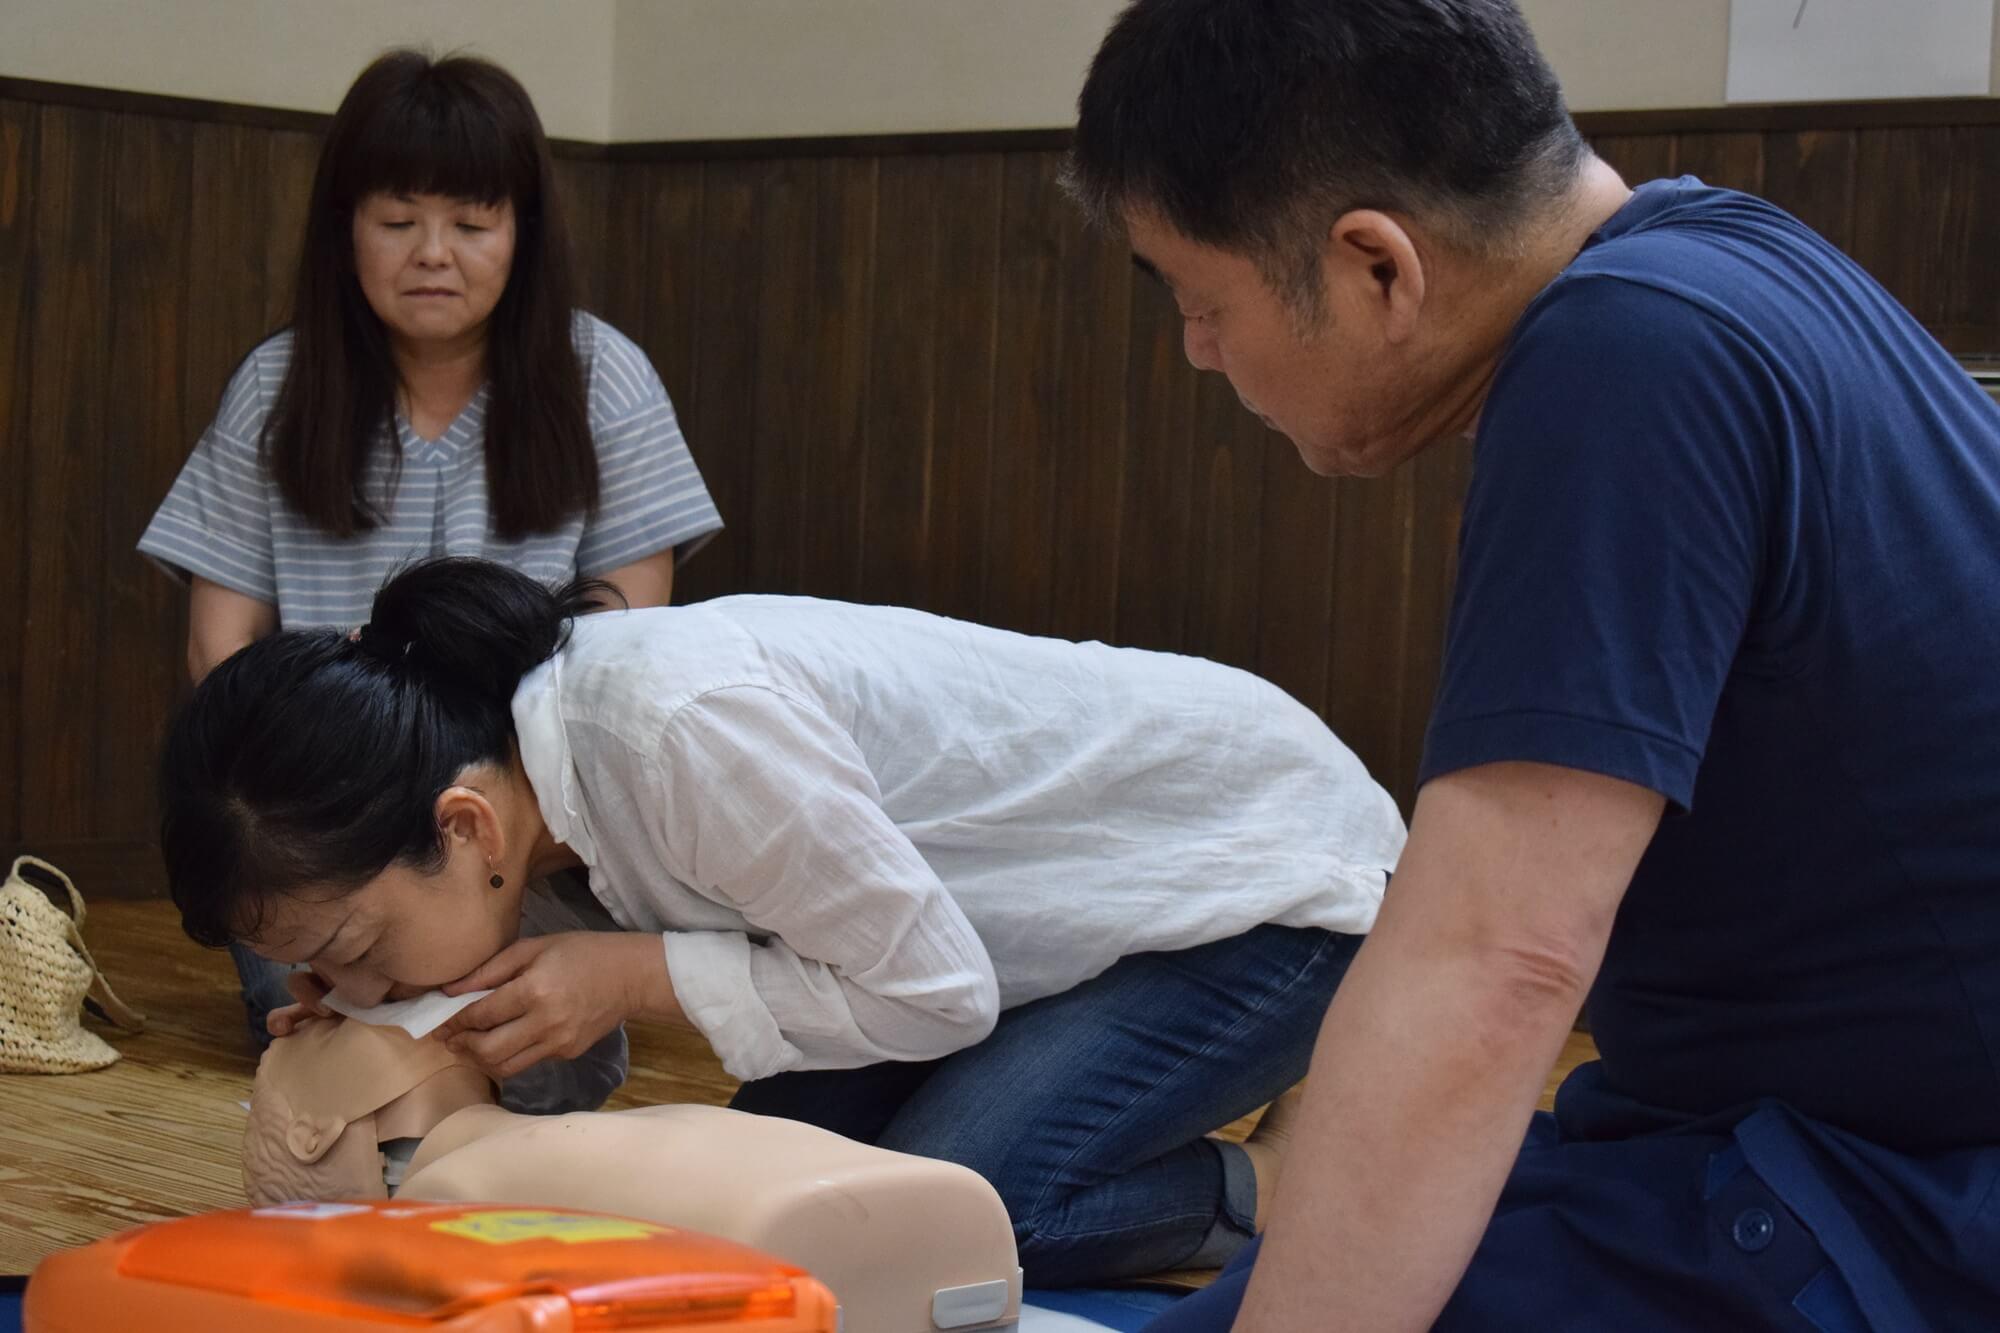 指導を受けながら人工呼吸を行う参加者